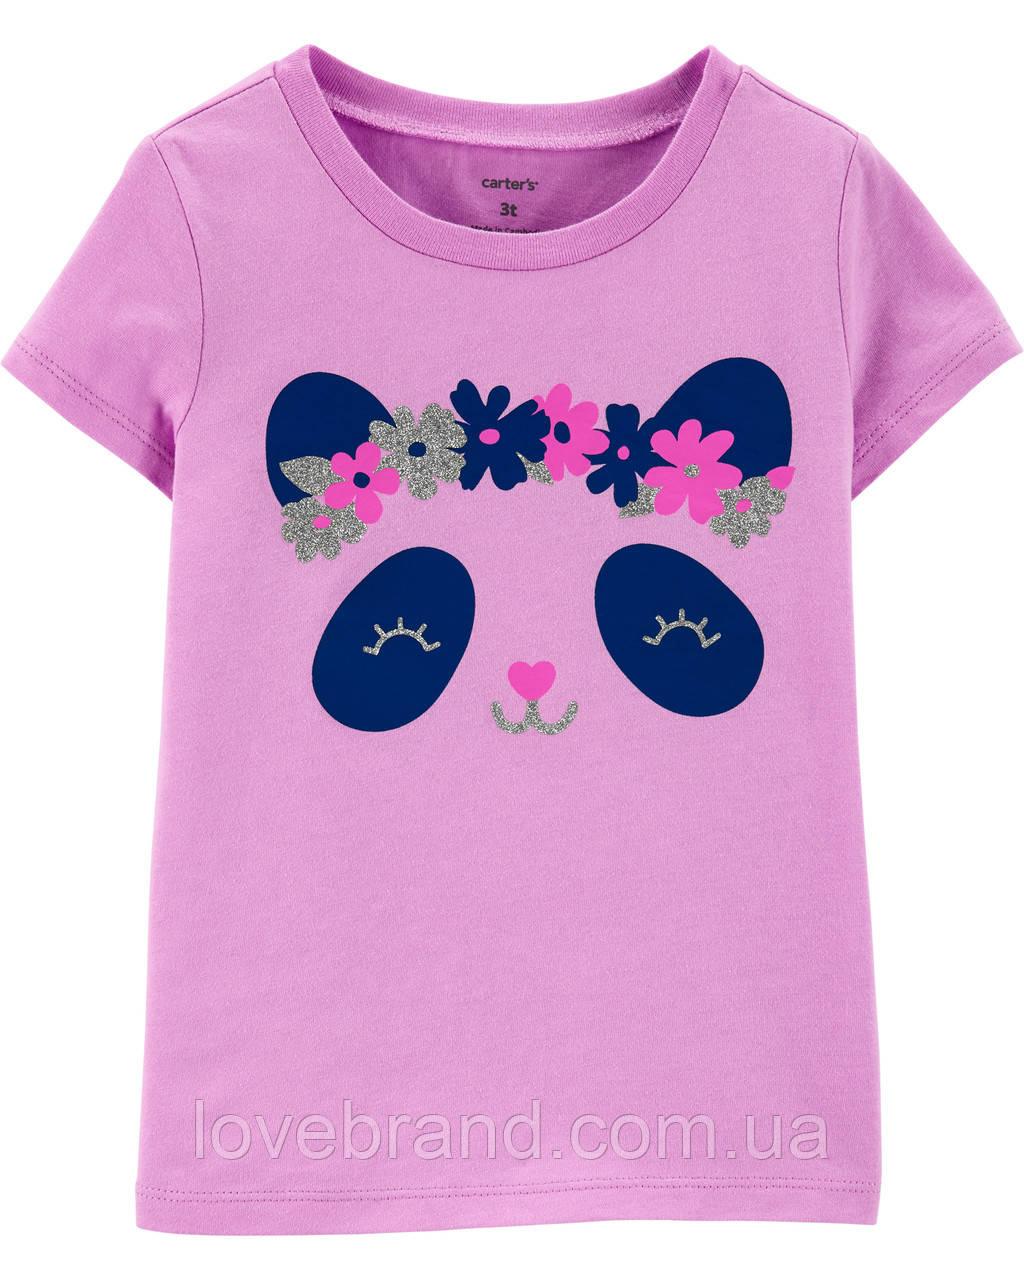 """Детская футболка для девочки Carter's """"Пандочка"""" 3Т/93-98 см"""